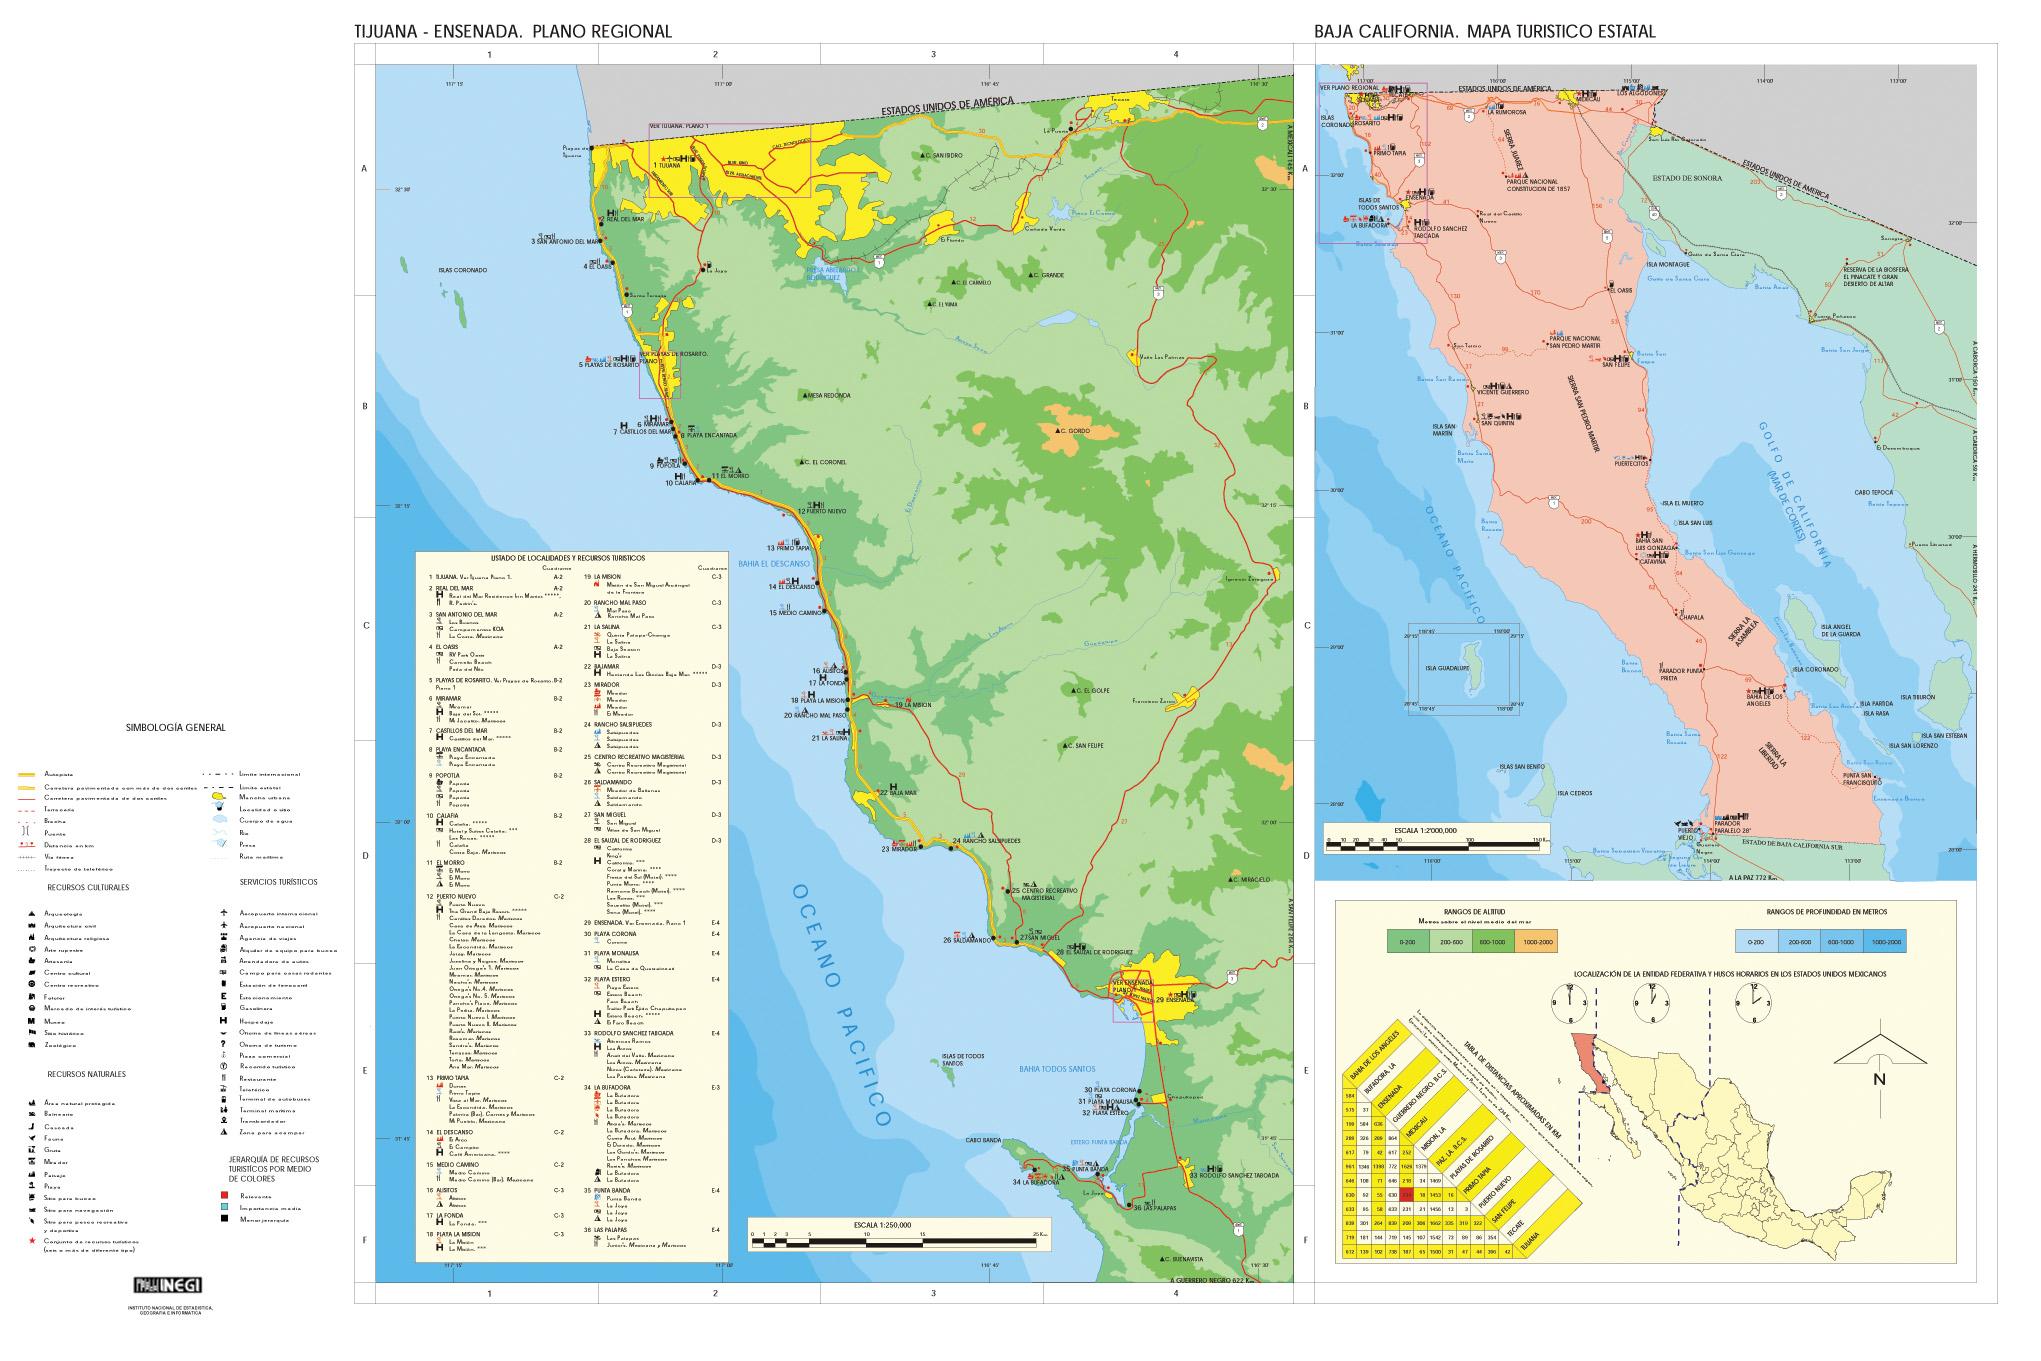 Mapa Ensenada, Tijuana (plano Regional), Baja California, Mexico